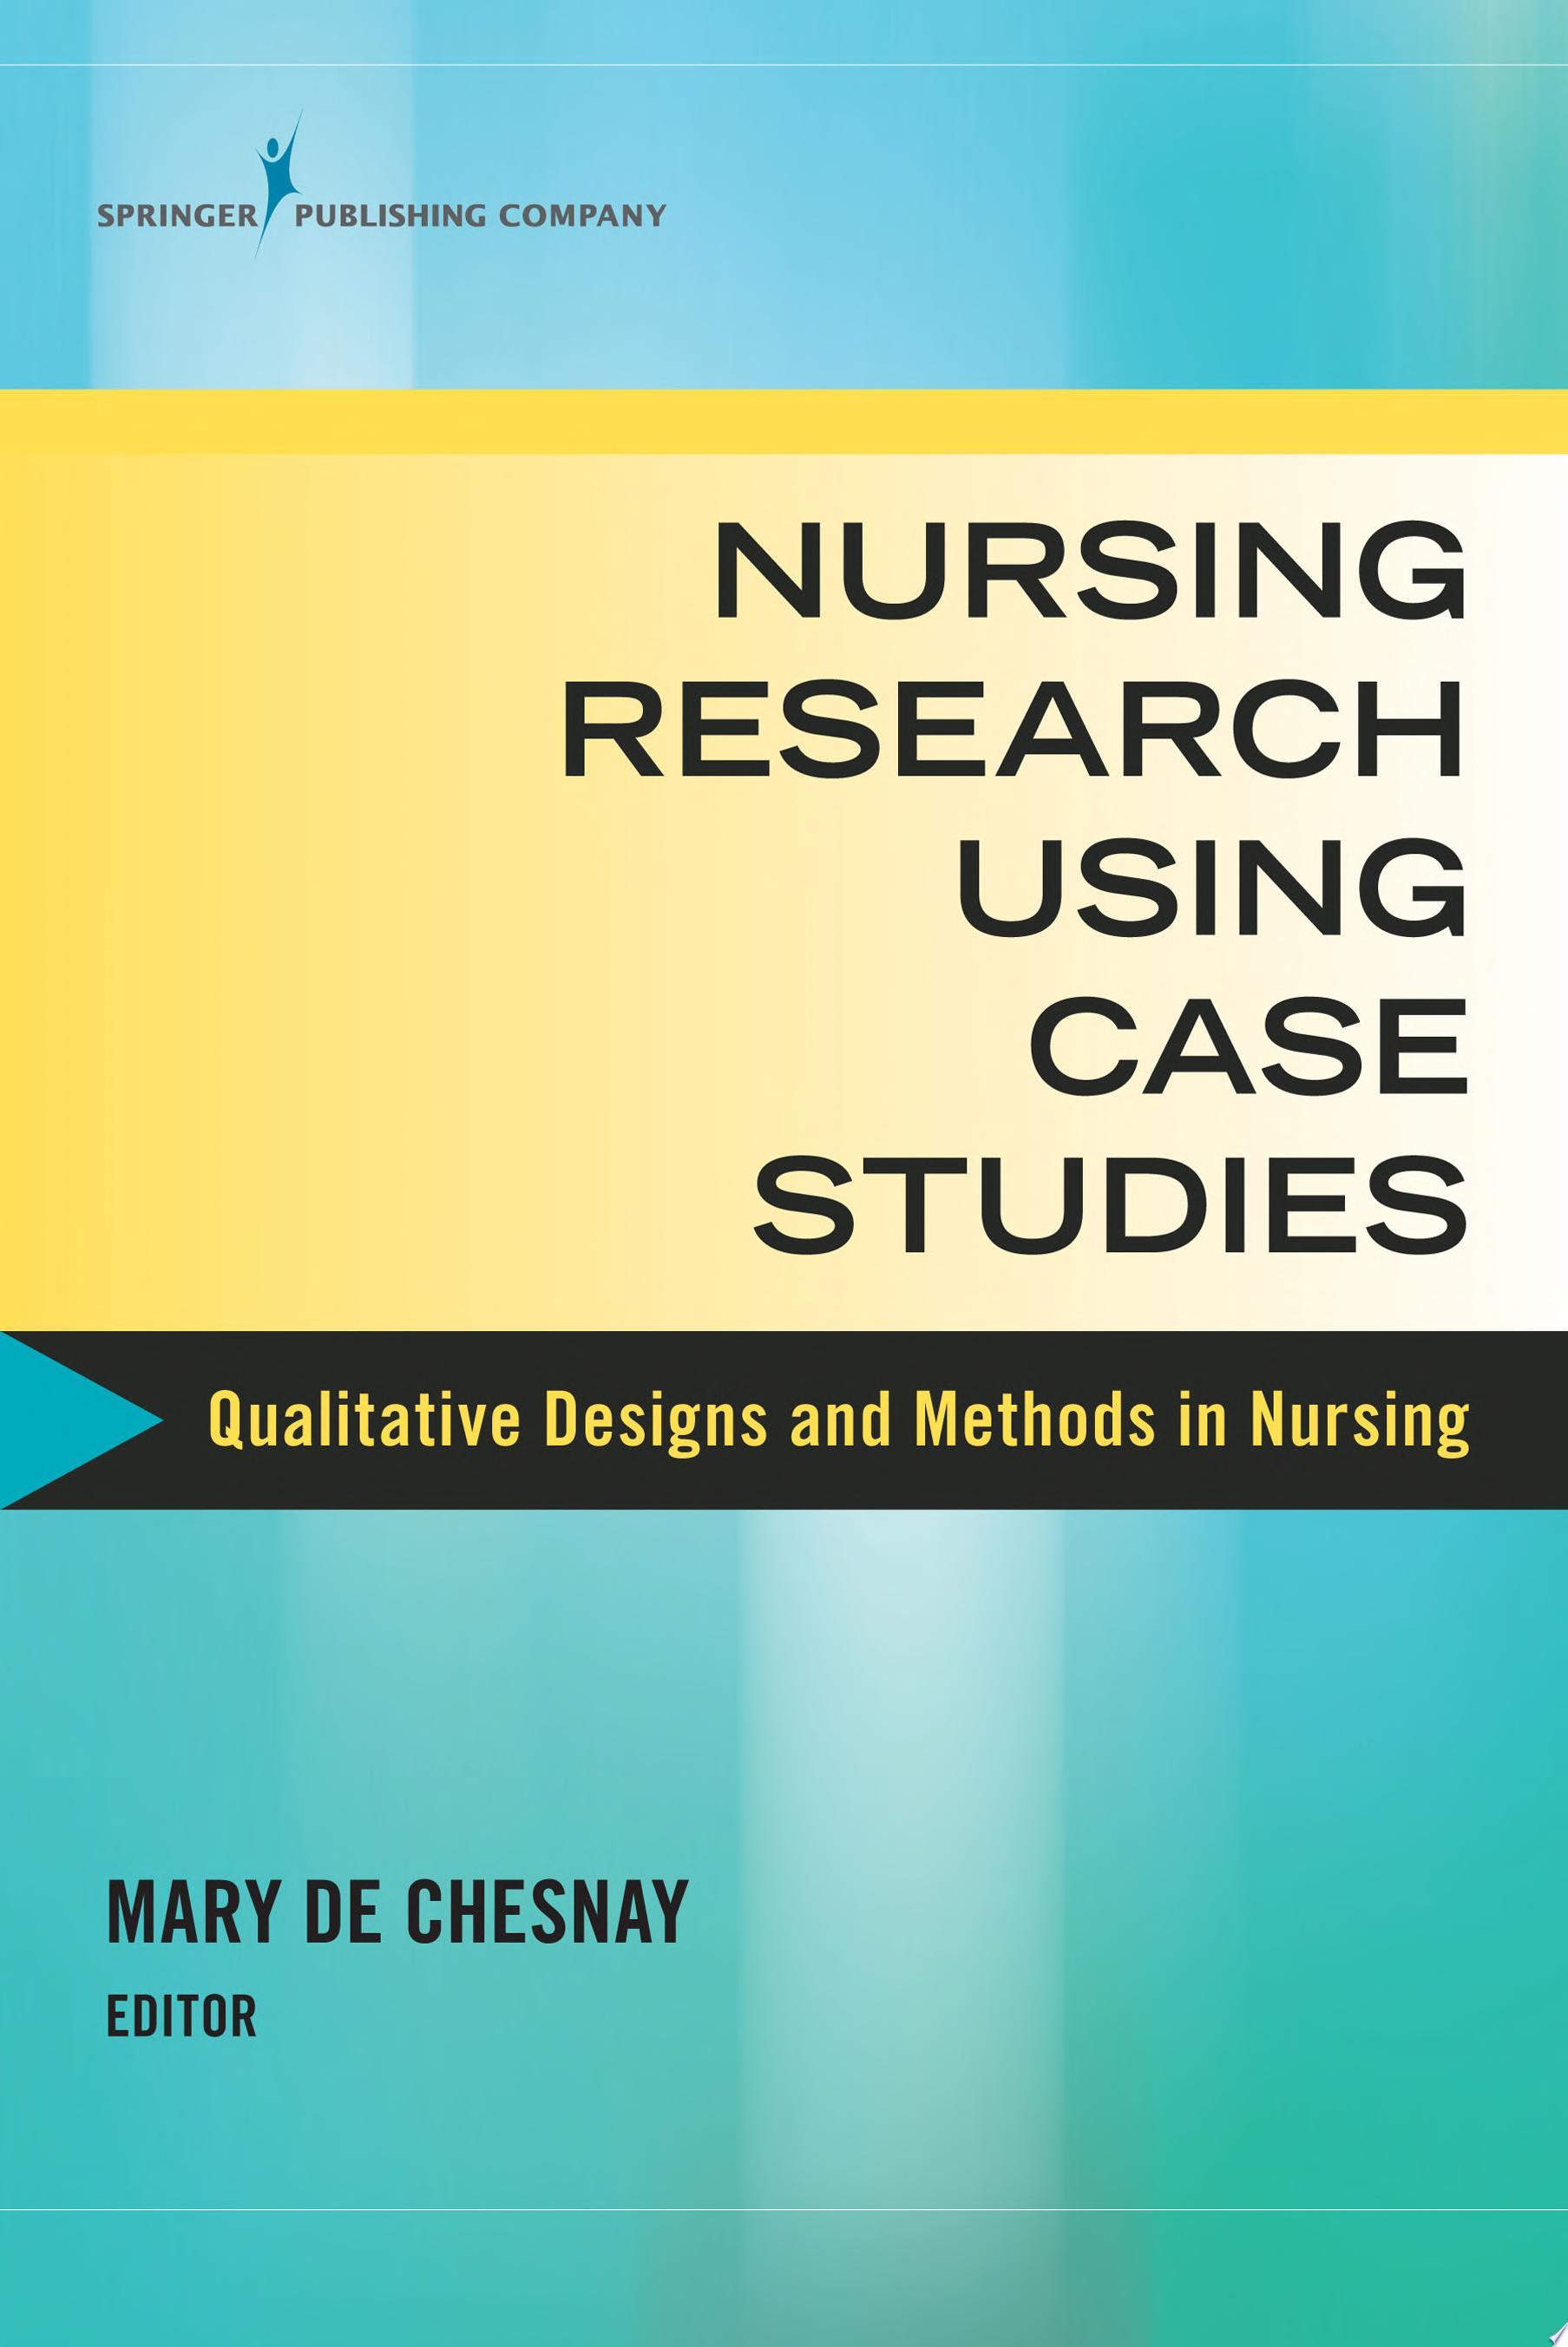 Nursing Research Using Case Studies